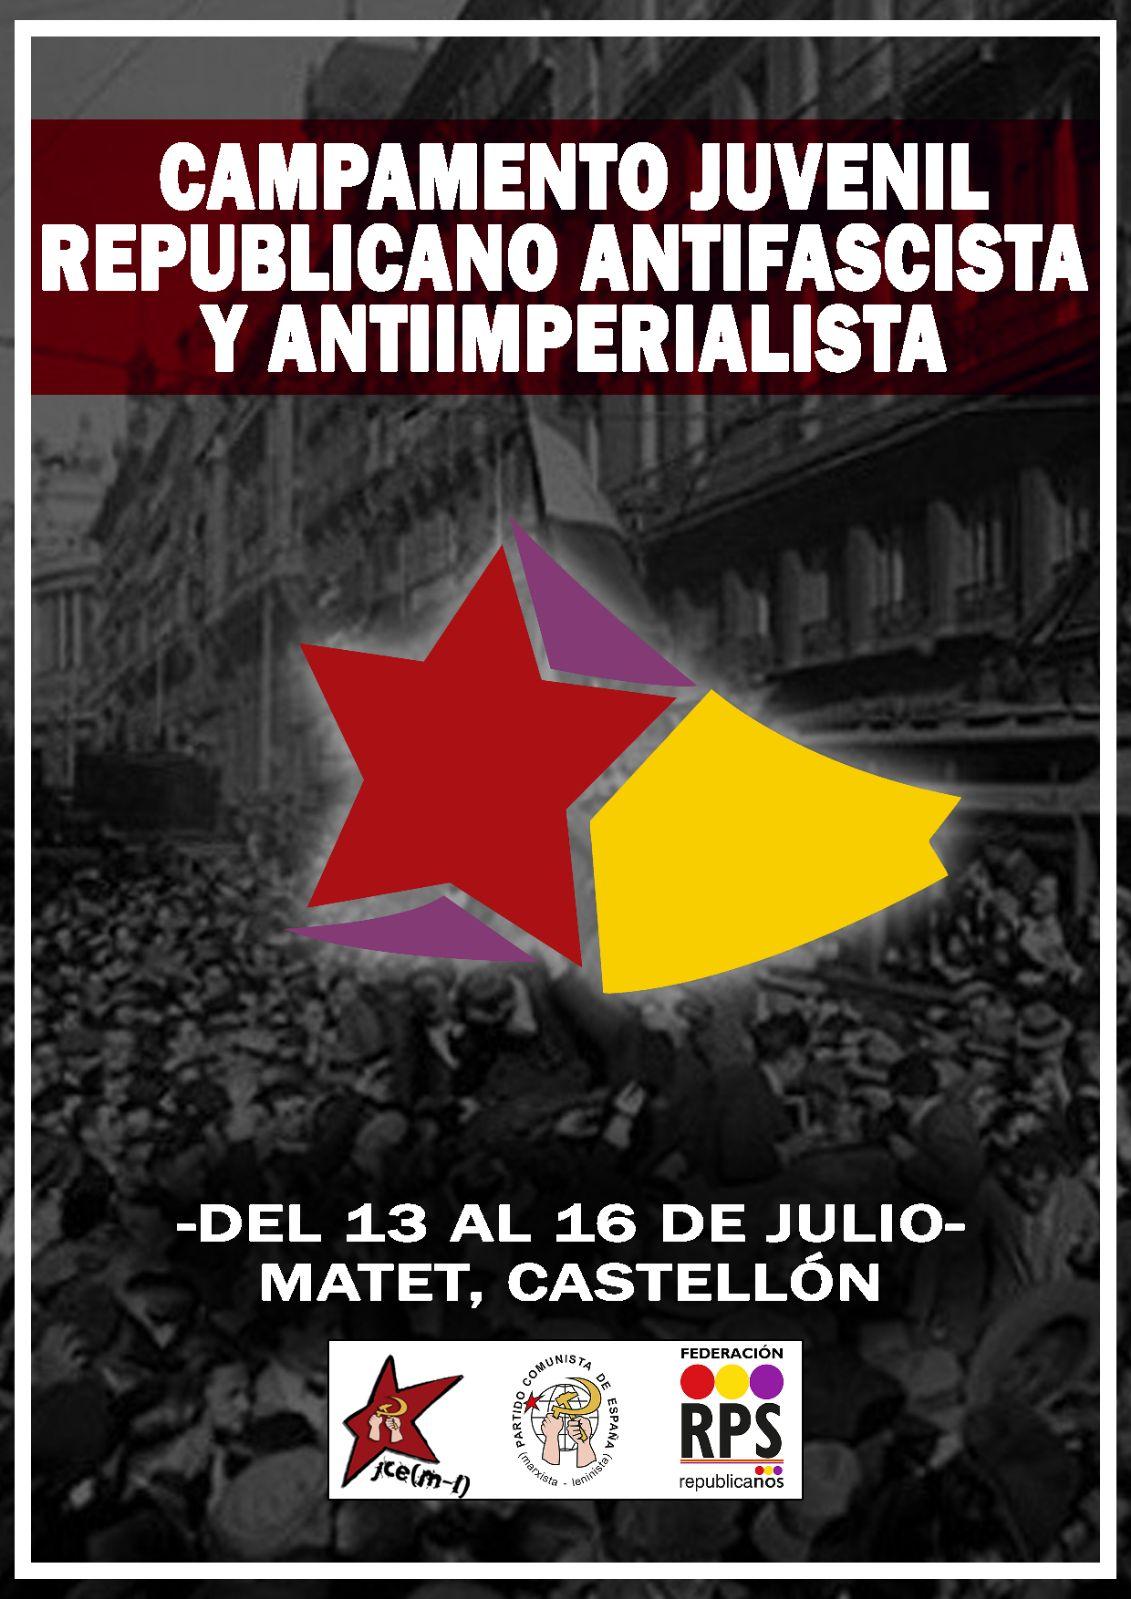 CAMPAMENTO JUVENIL REPUBLICANO Y ANTIIMPERIALISTA